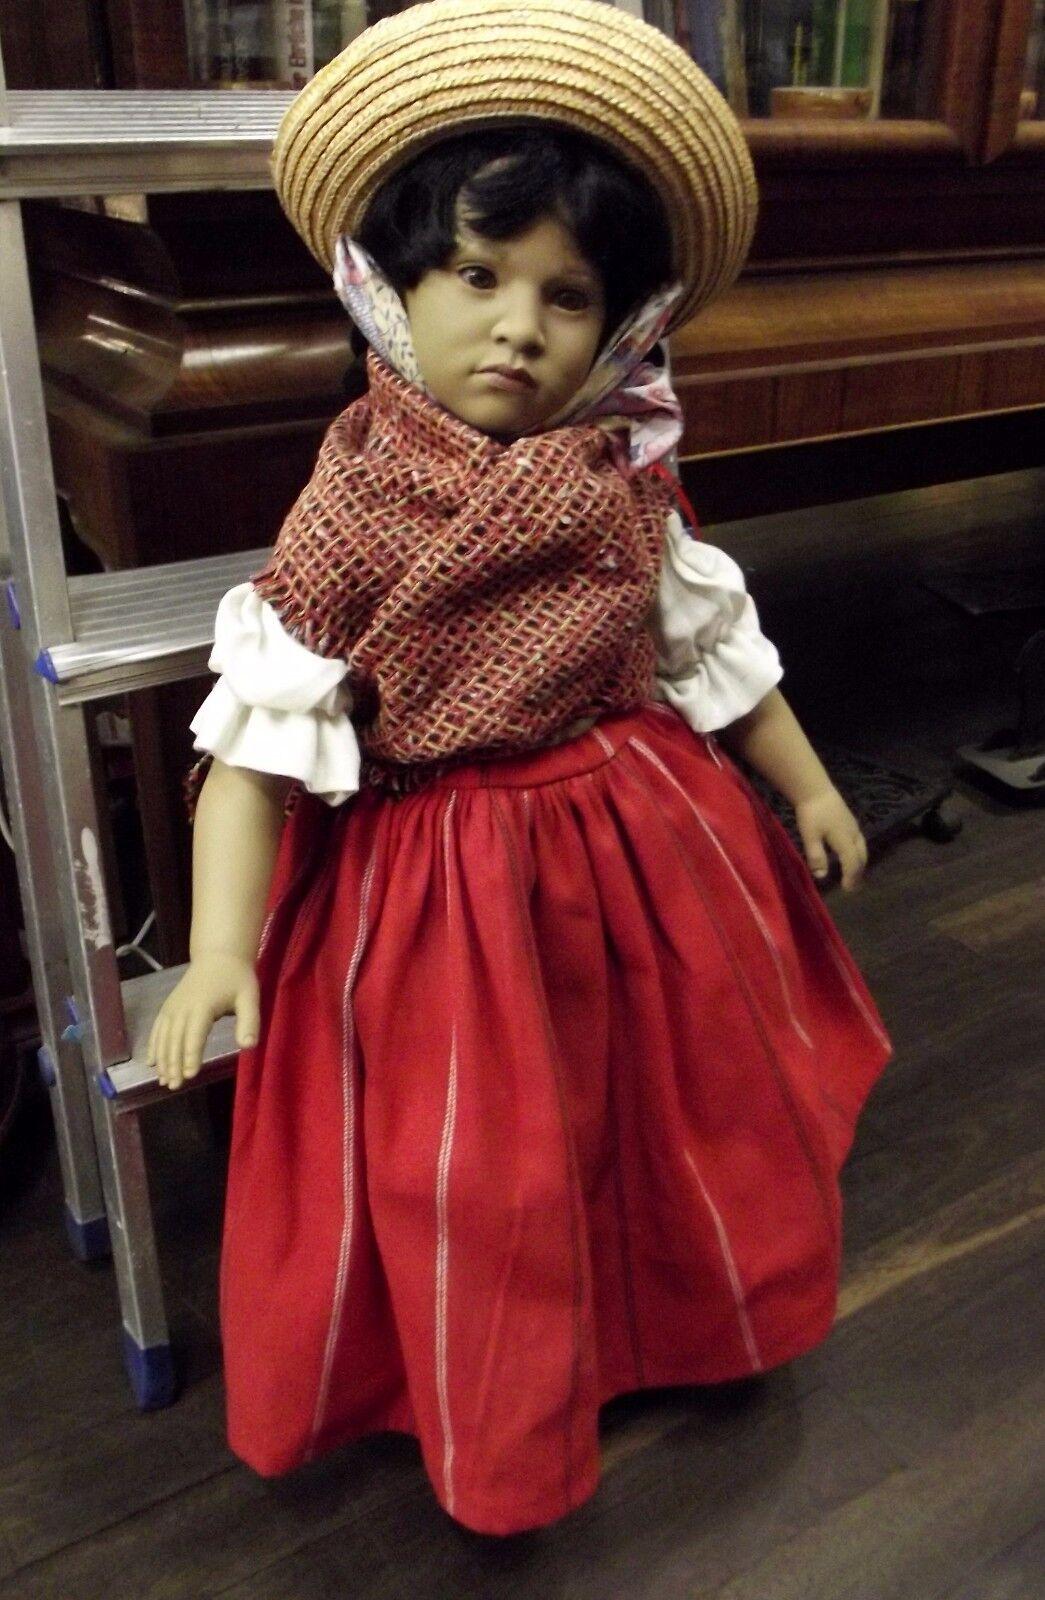 Puppe, groß, Designerpuppe, Künstlerpuppe, hohe Qualität, Mexikanerin, Nr. 1